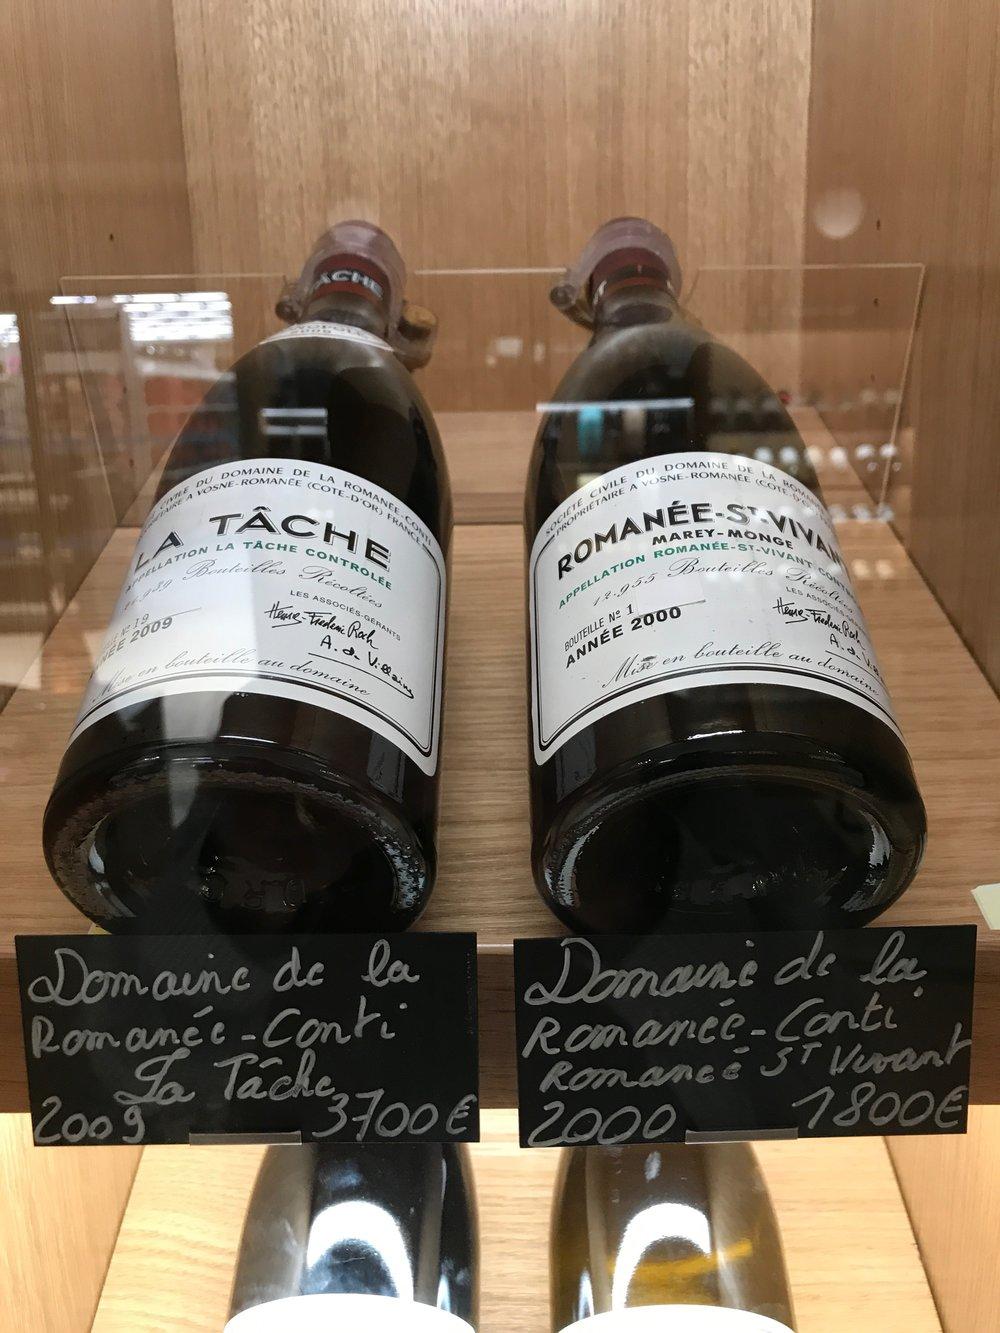 Only in Beaune - DRC La Tâche and Romanée-St. Vivant at the supermarket!